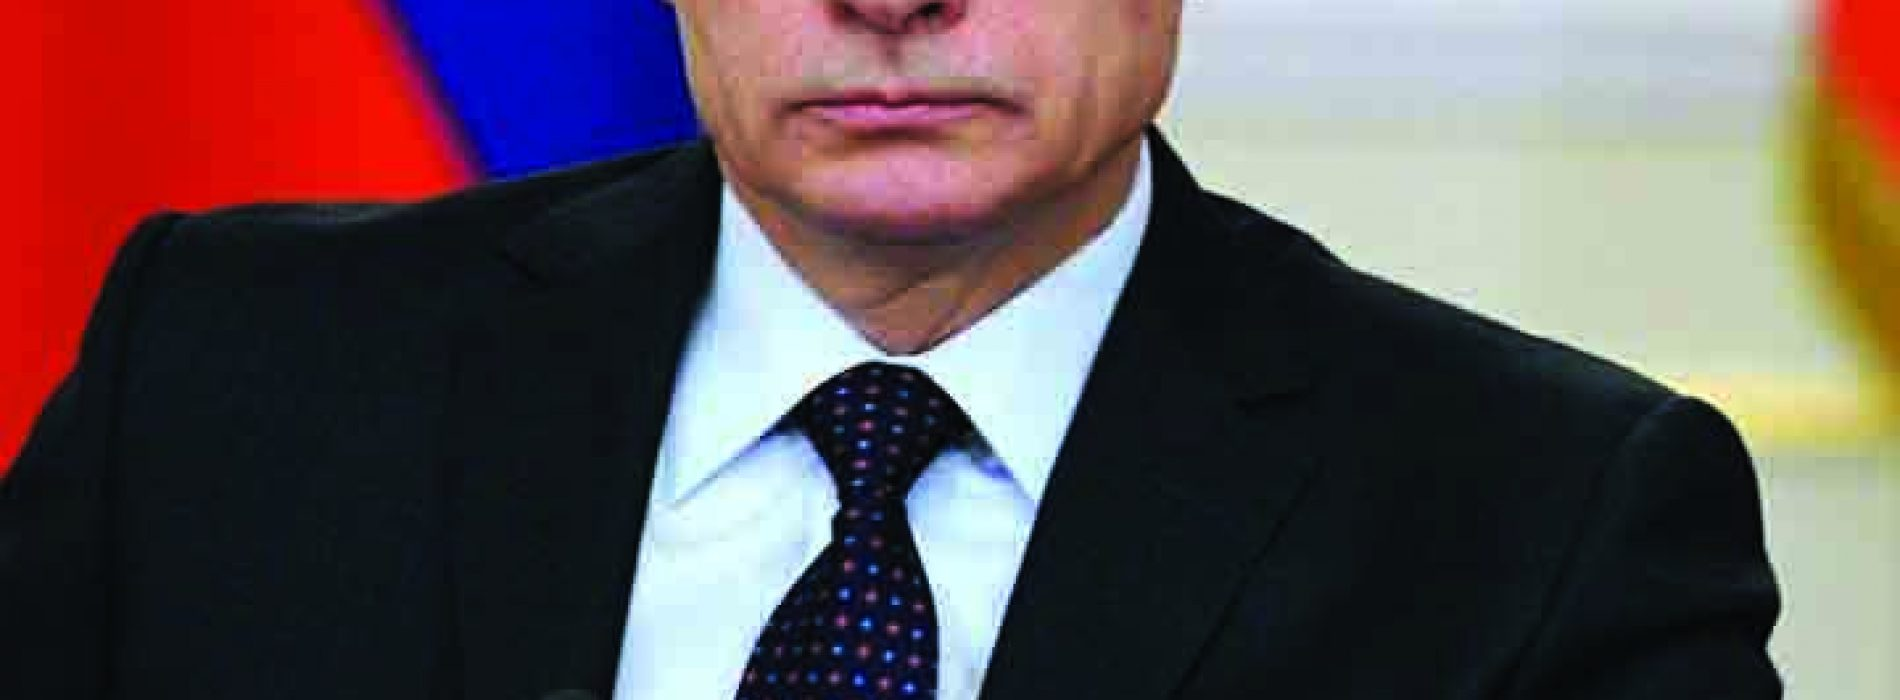 Vladimir Putin's plea